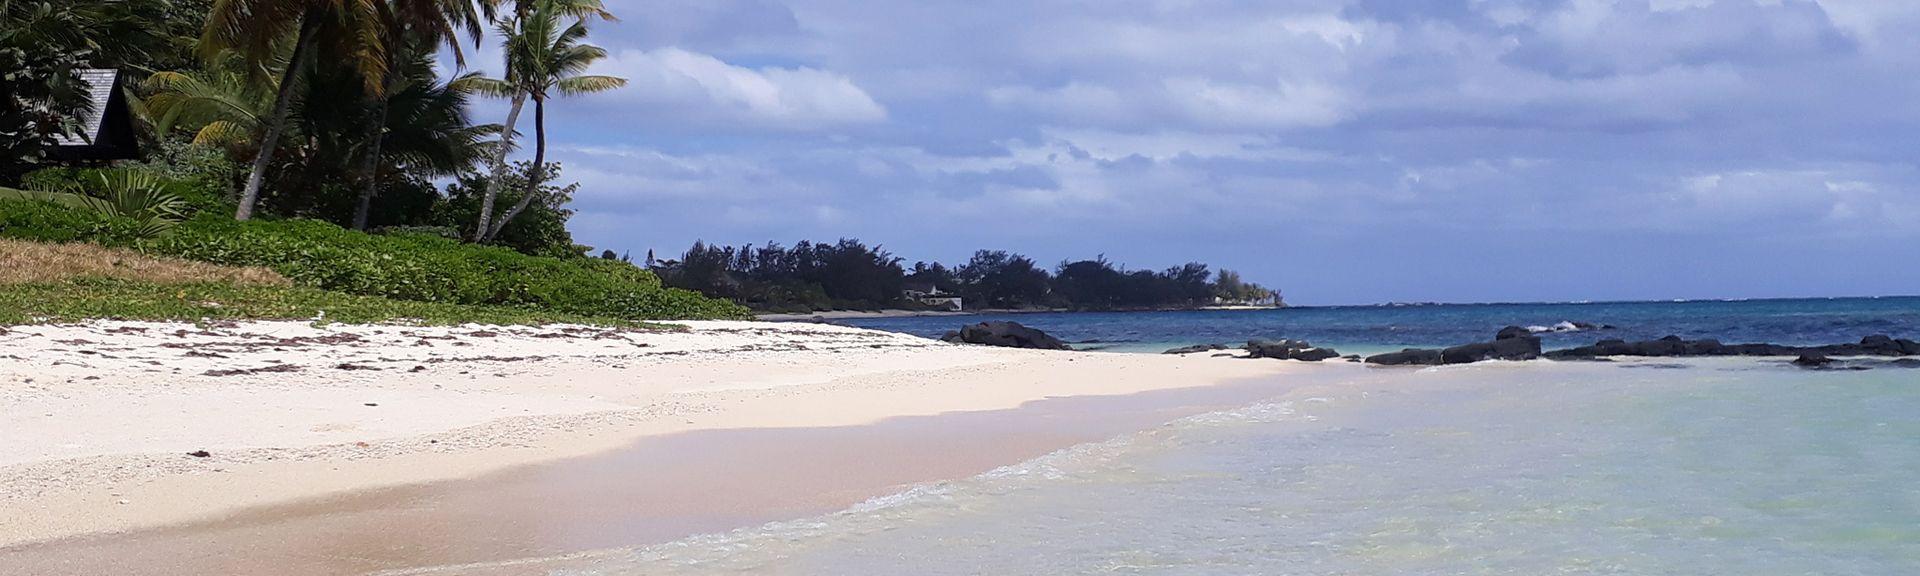 Pointe aux Canonniers, Grand Baie, Rivière du Rempart, Mauritius